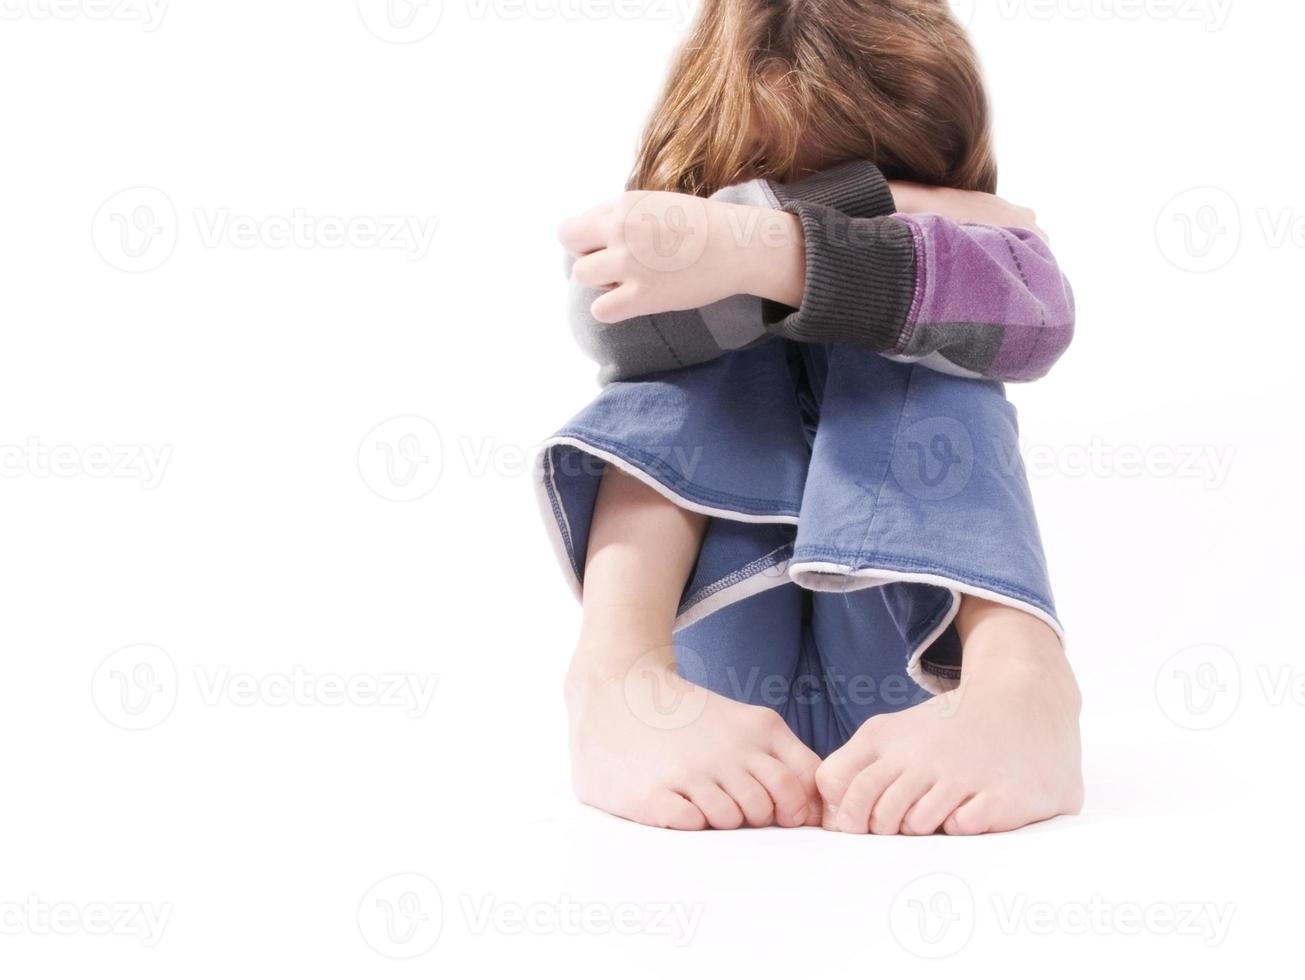 trauriges Kind, Füße in emotionaler Position foto